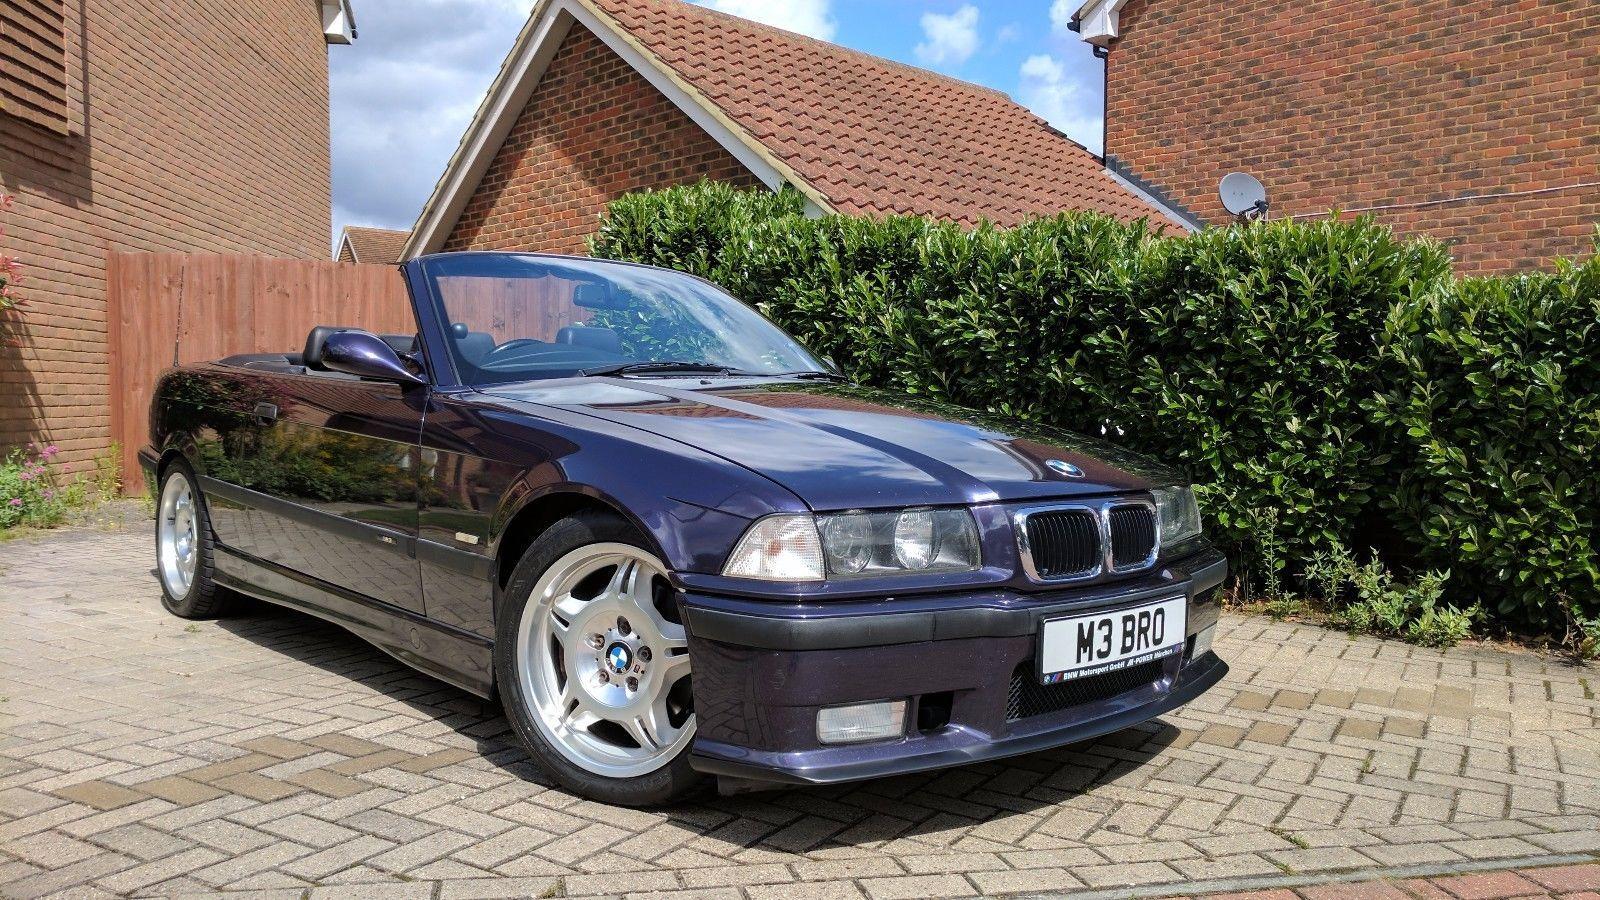 small resolution of bmw m3 e36 evo cabriolet convertible techno violet fsh vgc hardtop 1998 cabrio